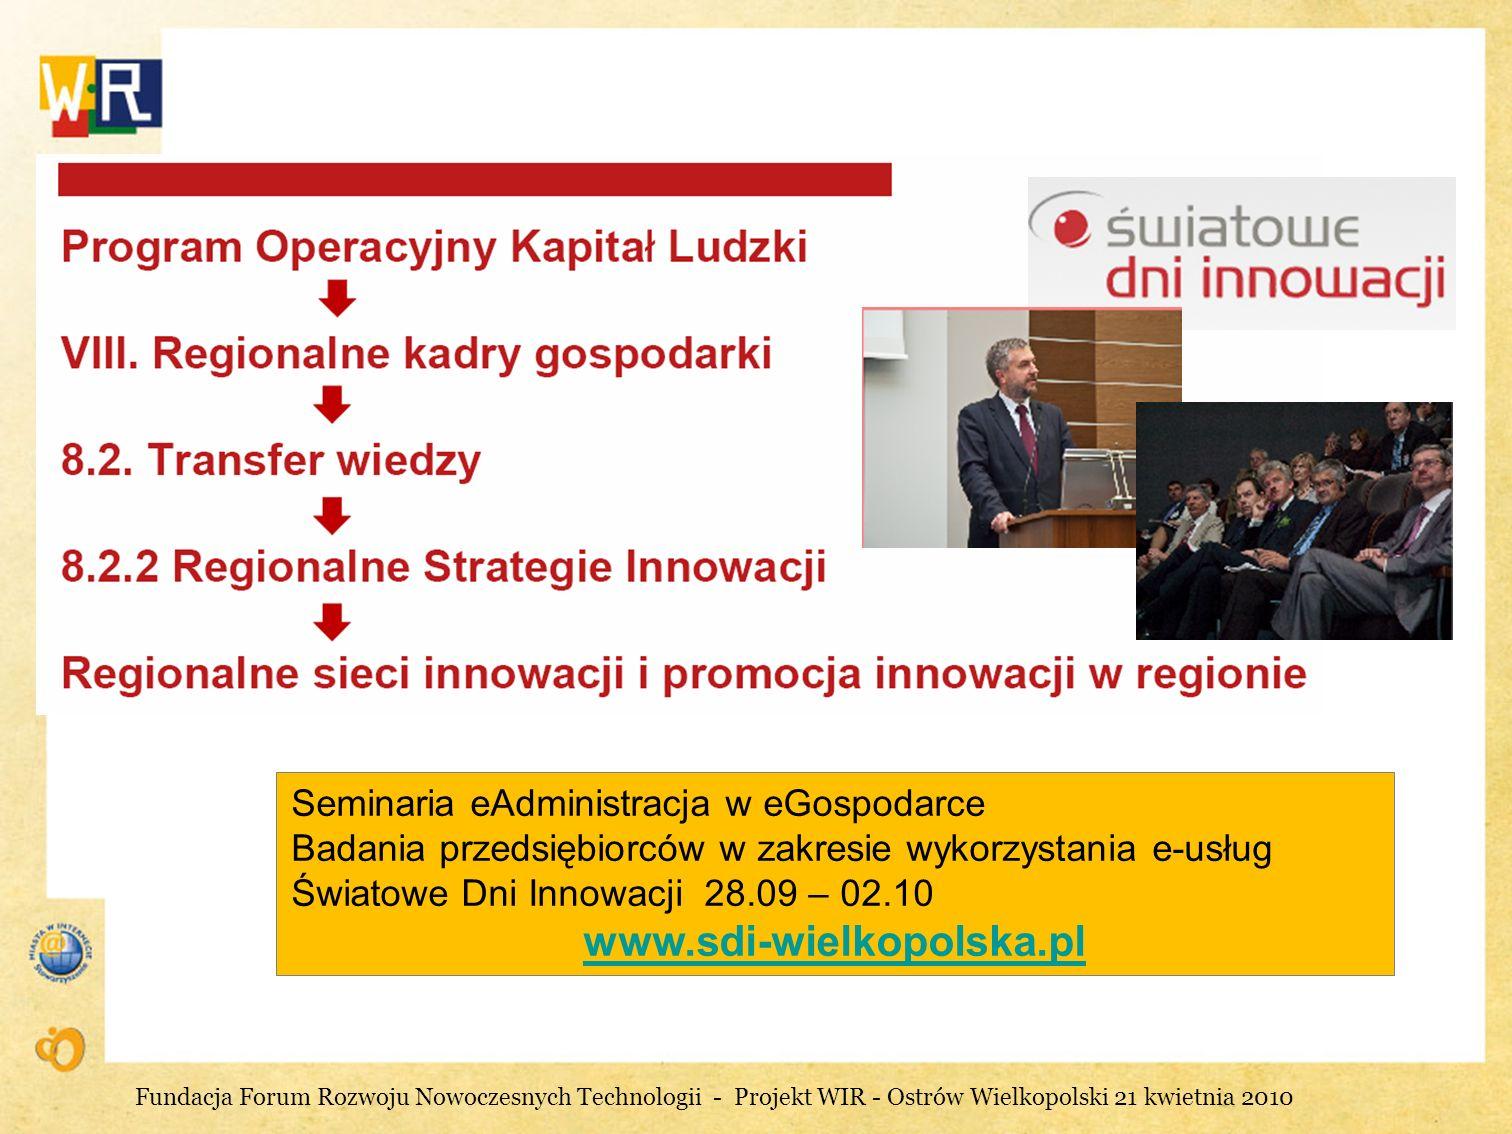 Działania Urzędu Marszałkowskiego na rzecz innowacji